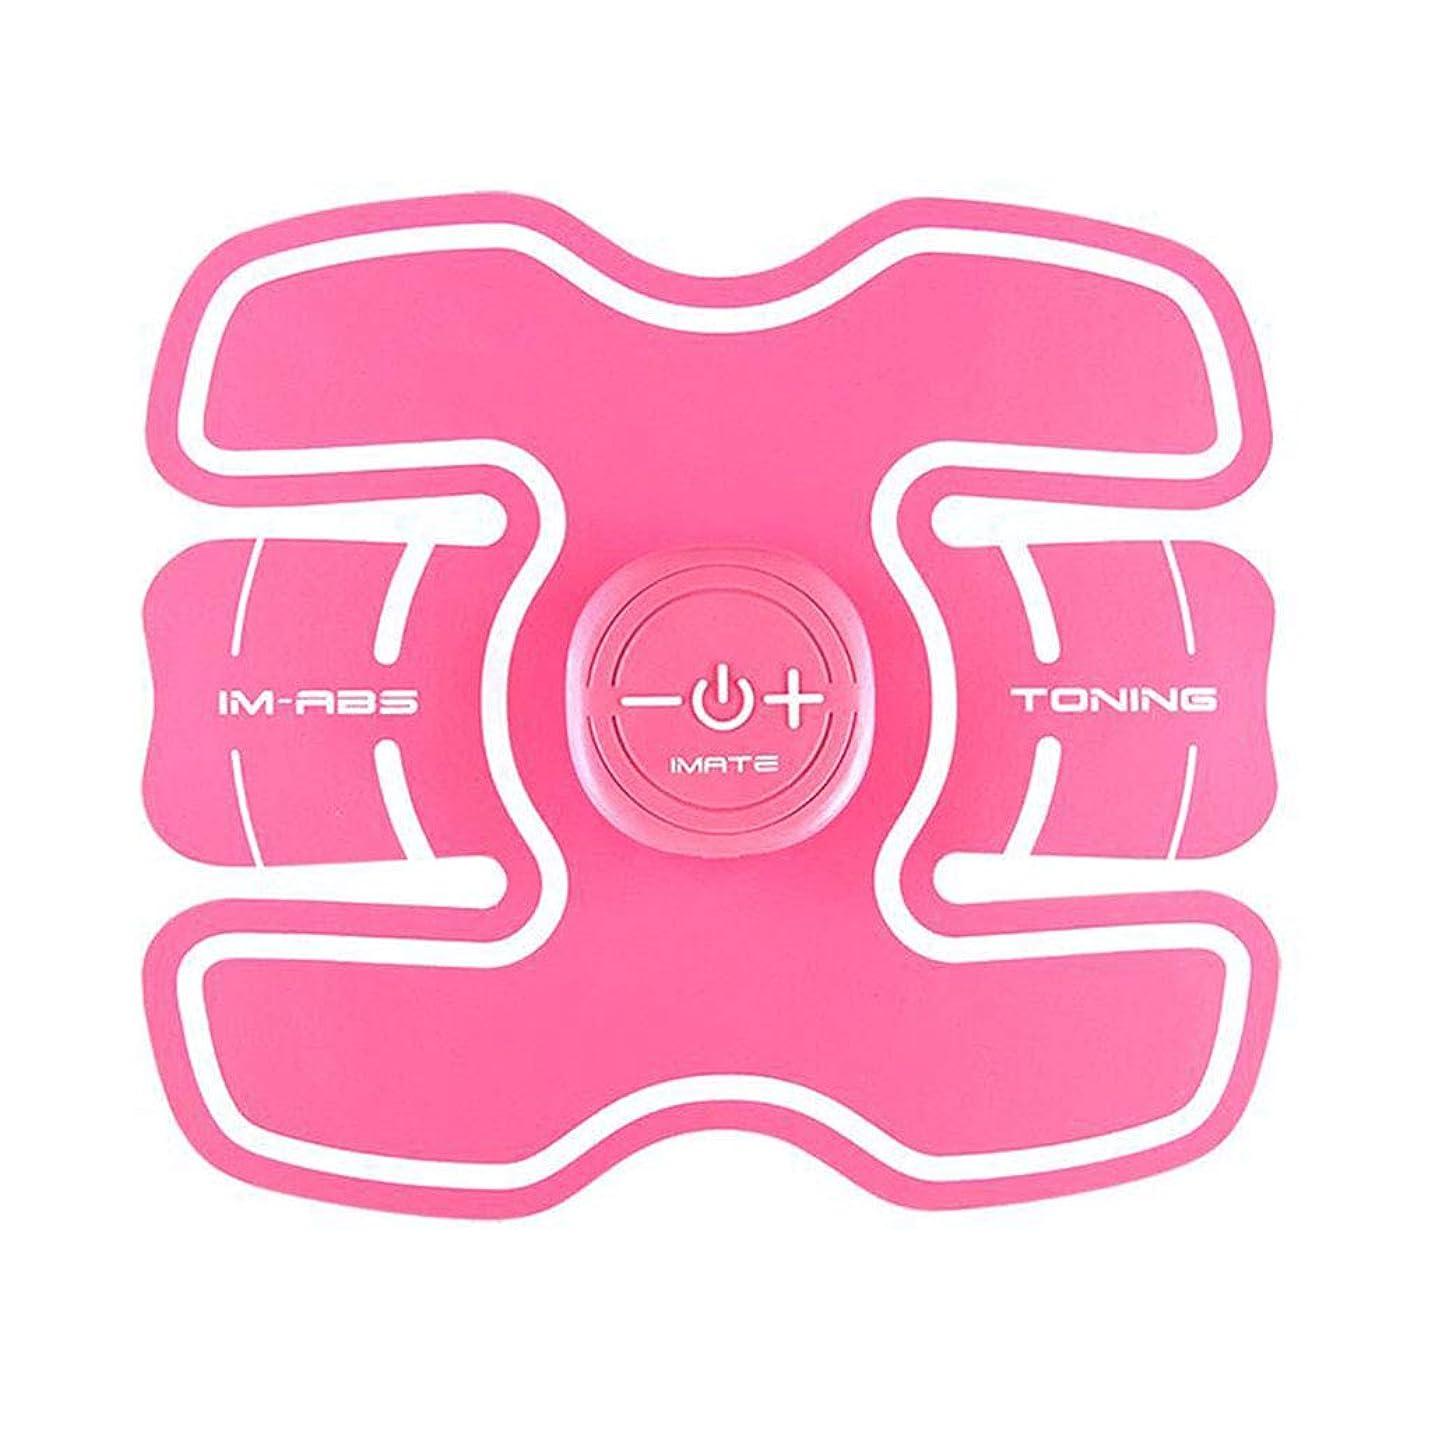 傾向手術浴室フィットネス薄いベルト、怠惰なボディシェイピング筋刺激装置腹筋トレーナーボディービルディング腹部ベルトホームオフィスレディース減量機器 (Color : PINK, Size : 46.5*46.5*14.5CM)